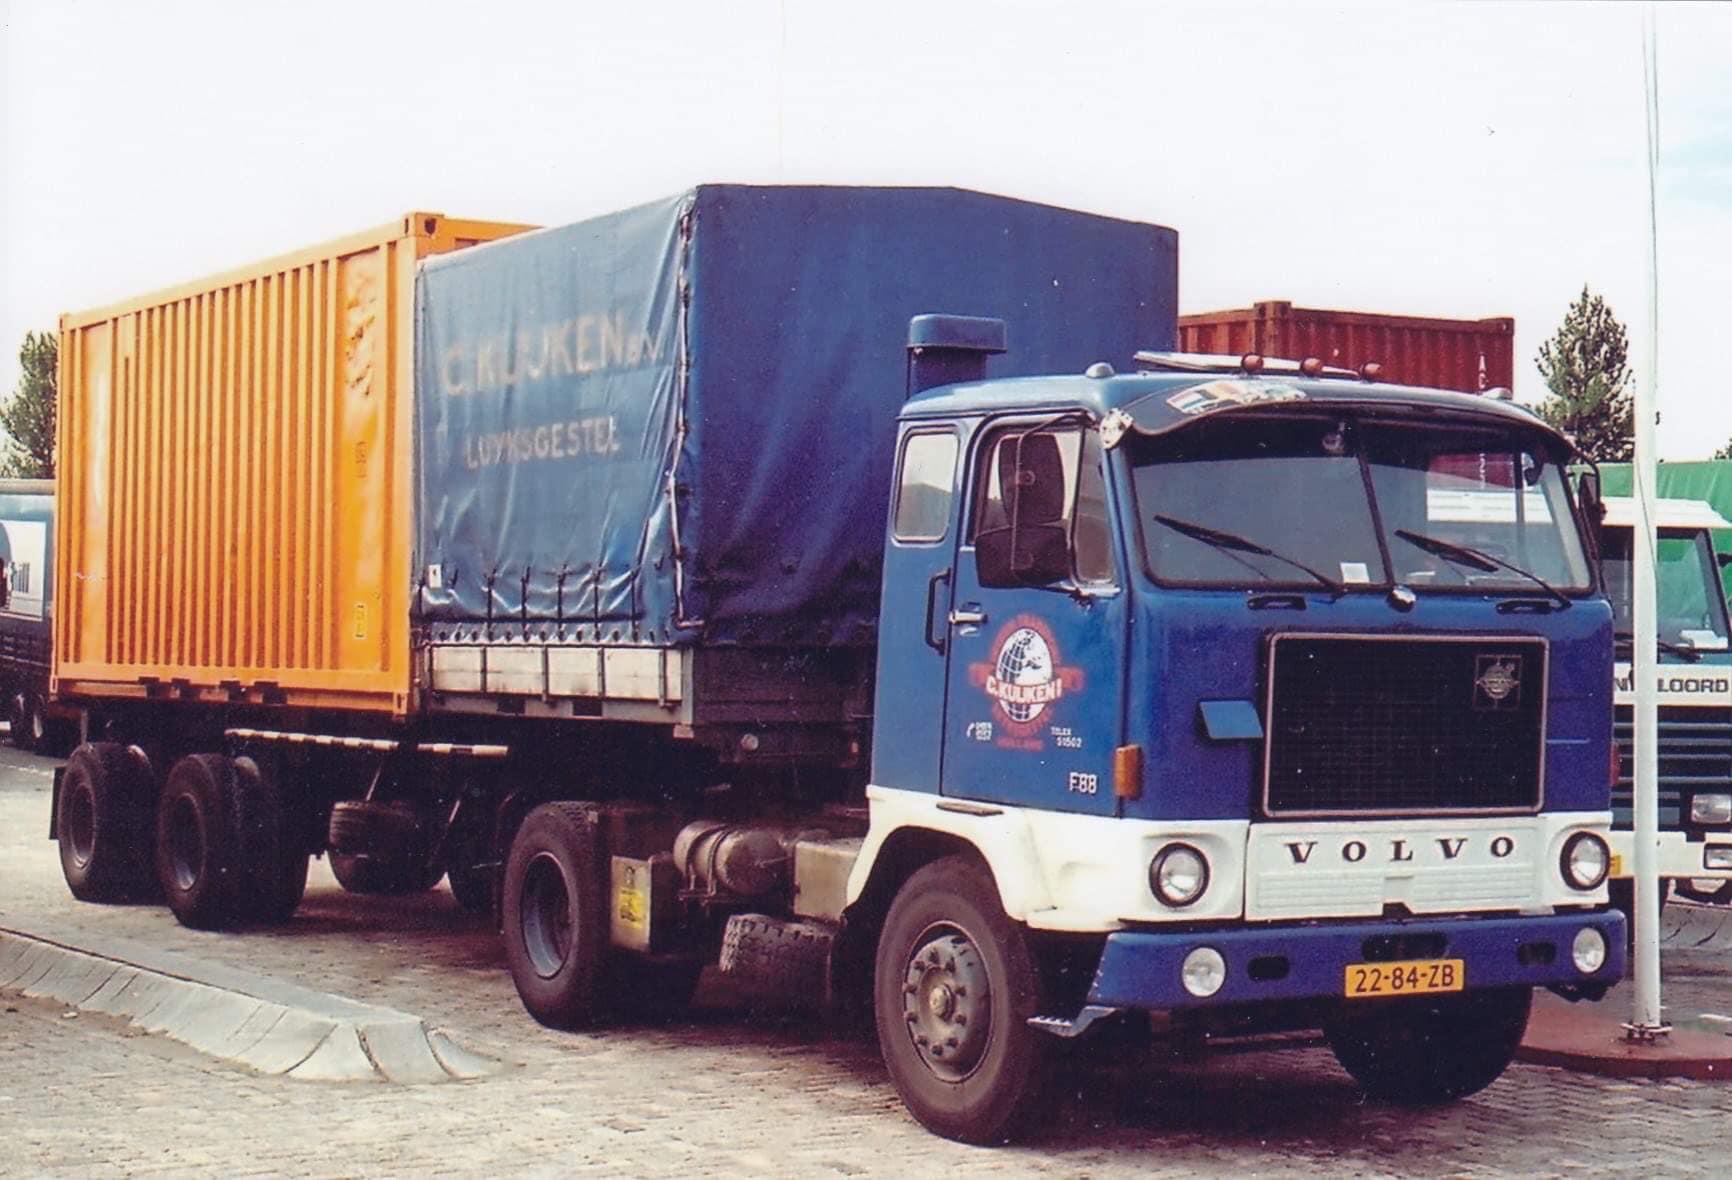 Volvo-f88-22-84-zb-met-deze-oplegger-kon-je-containers-vervoeren-in-combinatie-met-het-huifje-voorop-kon-nog-6-tot-7-euro-pallets-meegenomen-worden